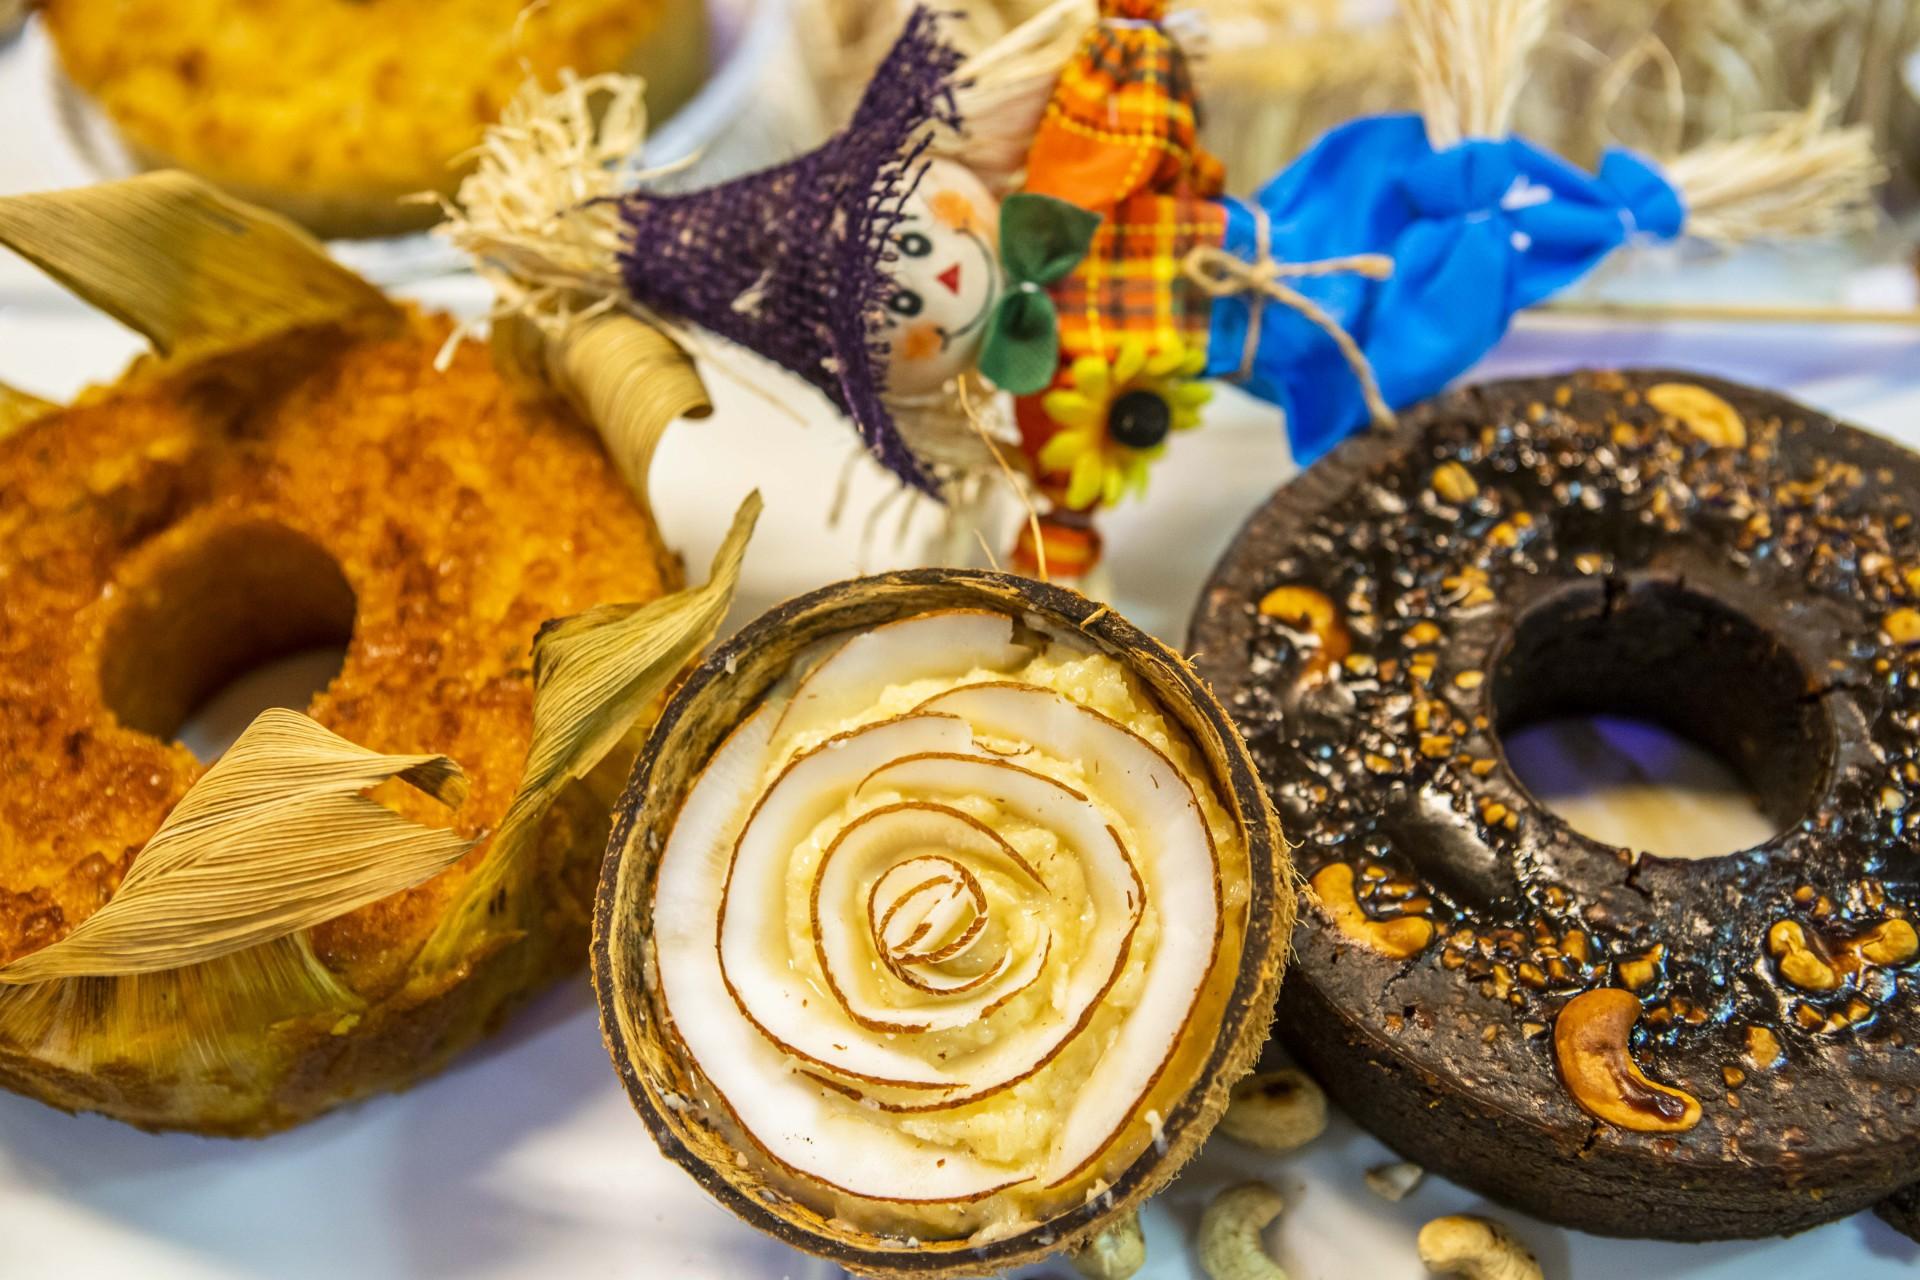 Produção junina da Casa Plaza foca em bolos com lembrança da época, entre eles está o de pé-de-moleque (R$ 46,99 o Kg)